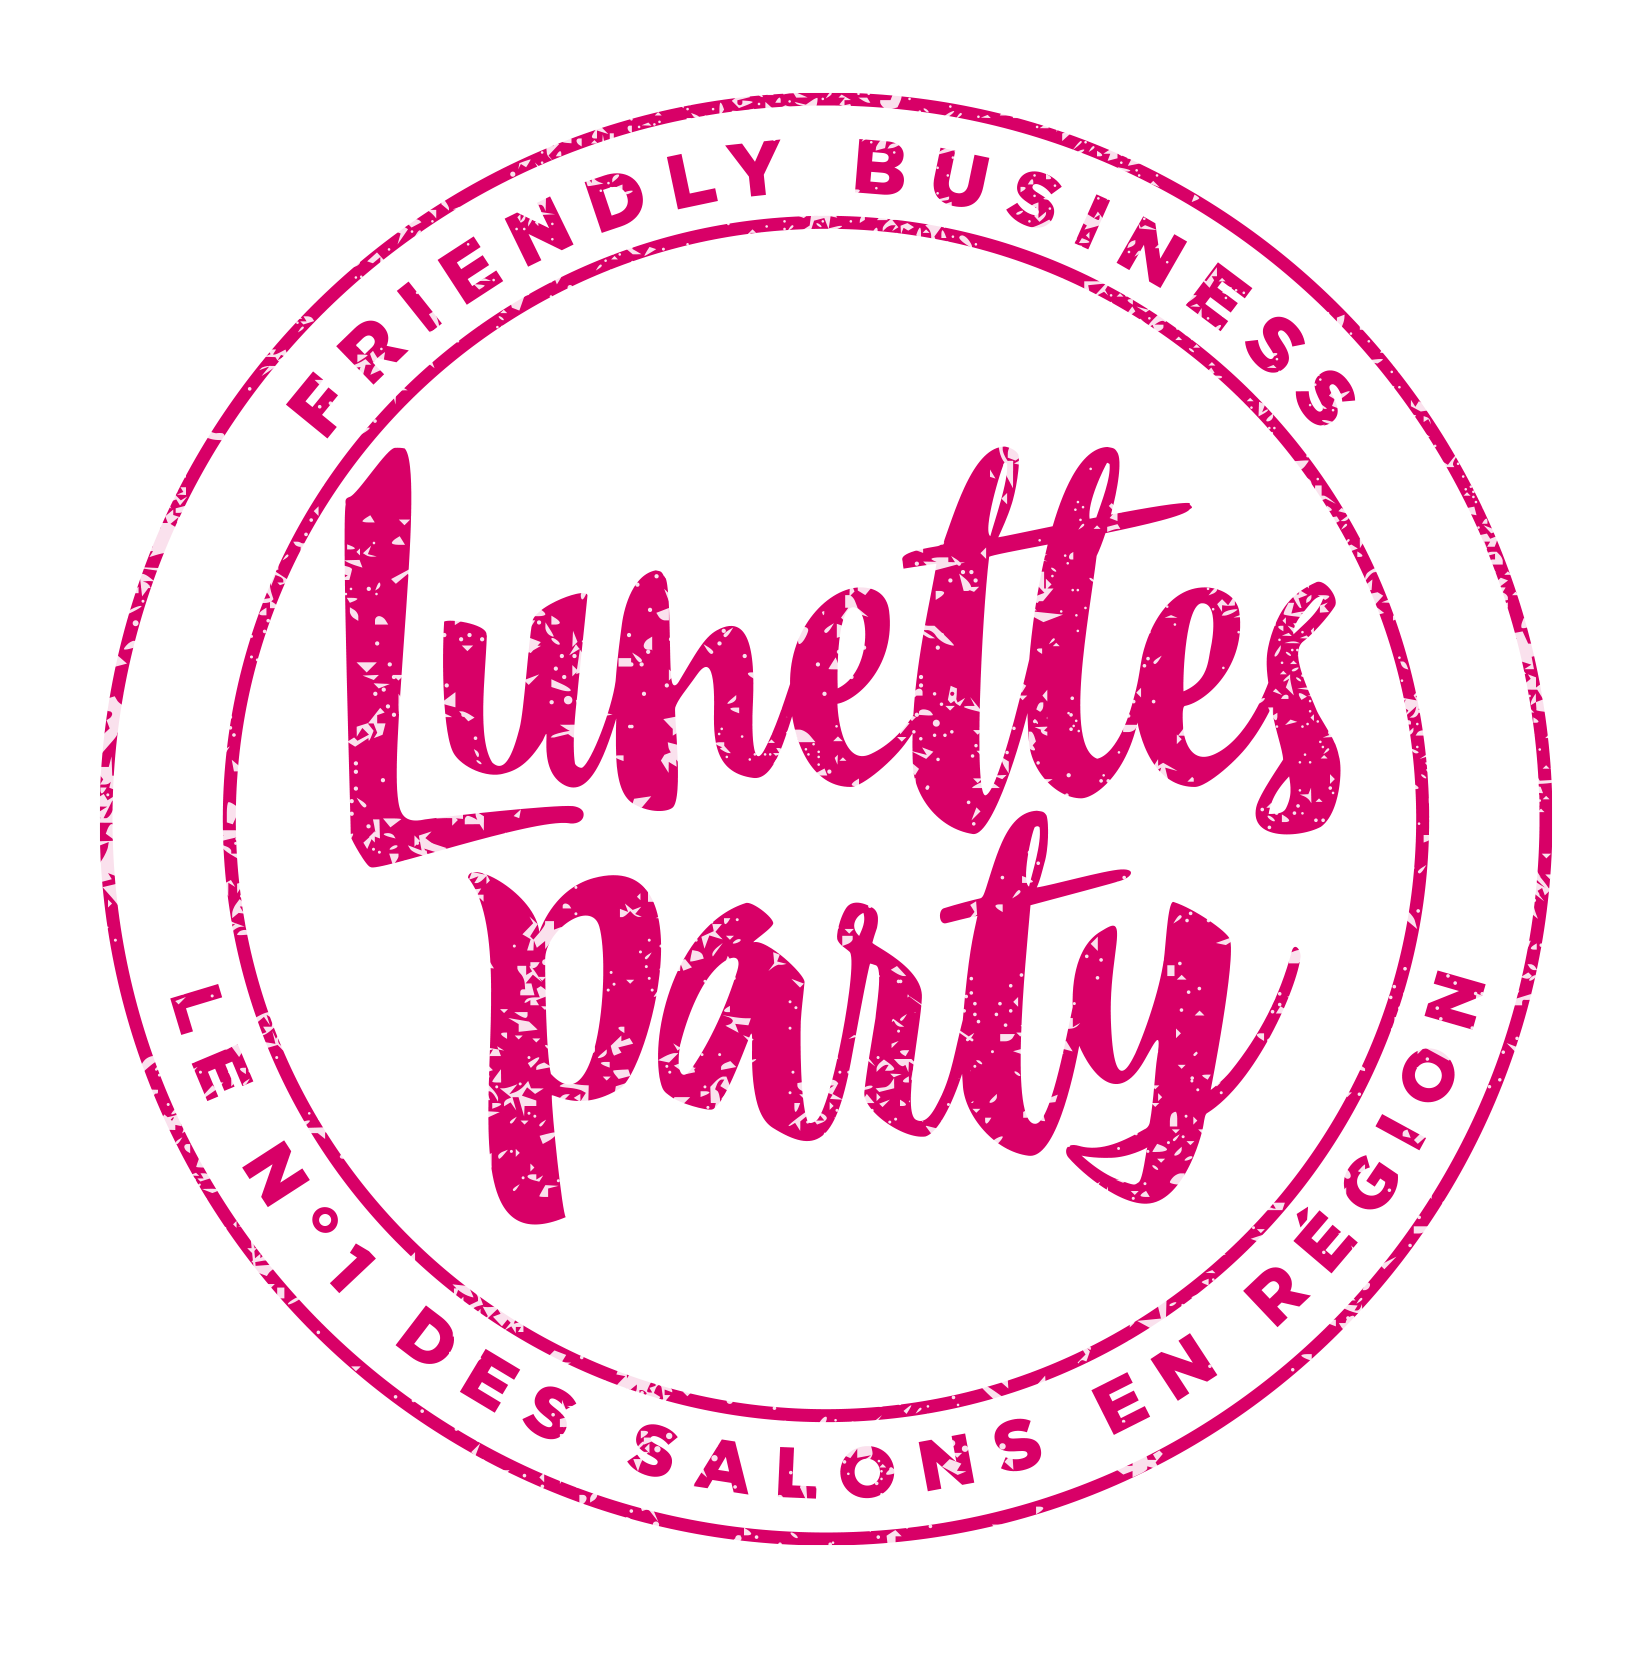 Lunettes Party, le N°1 des Salons en Région